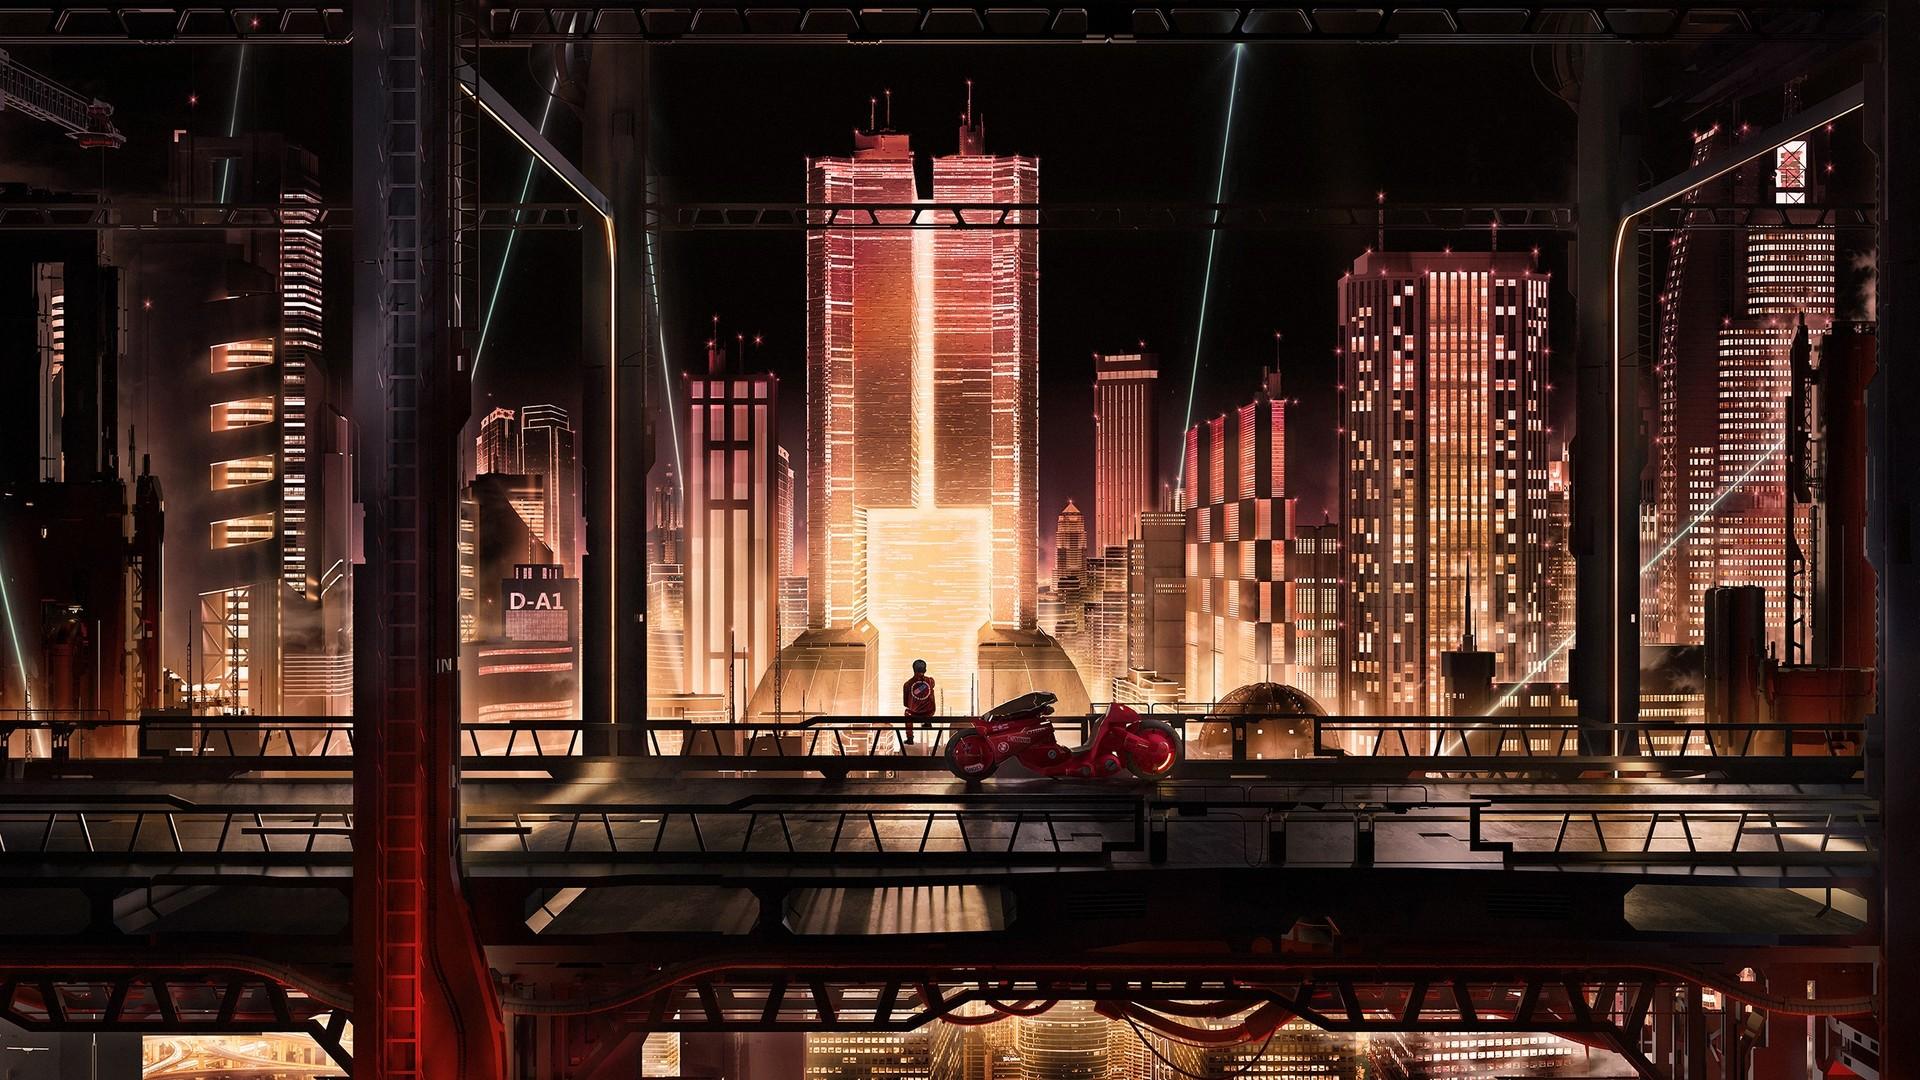 Cyberpunk City Art HD Wallpaper